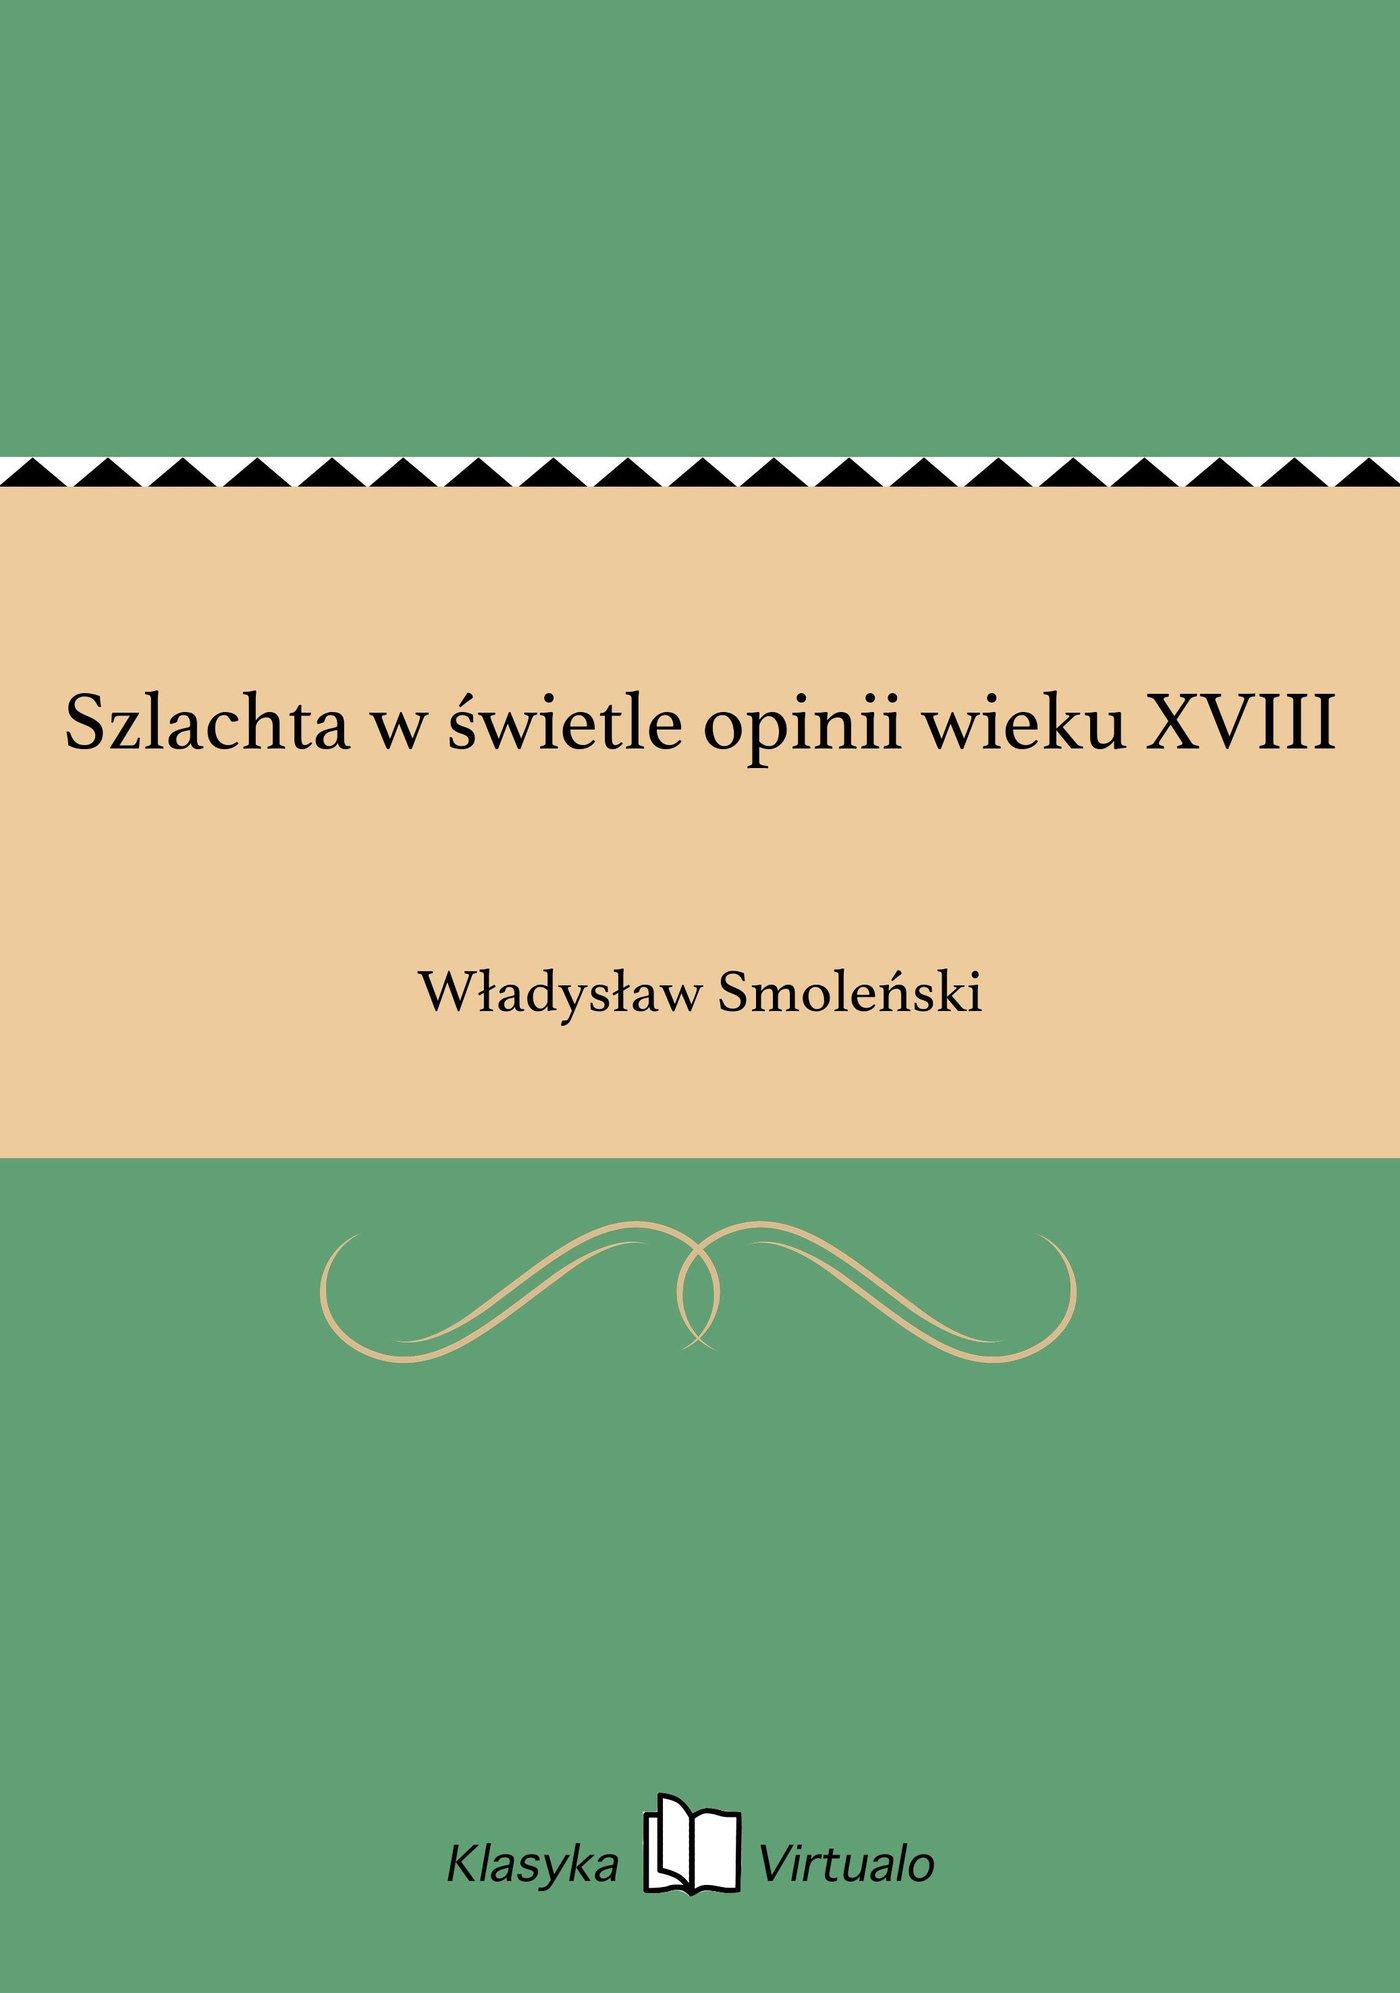 Szlachta w świetle opinii wieku XVIII - Ebook (Książka EPUB) do pobrania w formacie EPUB